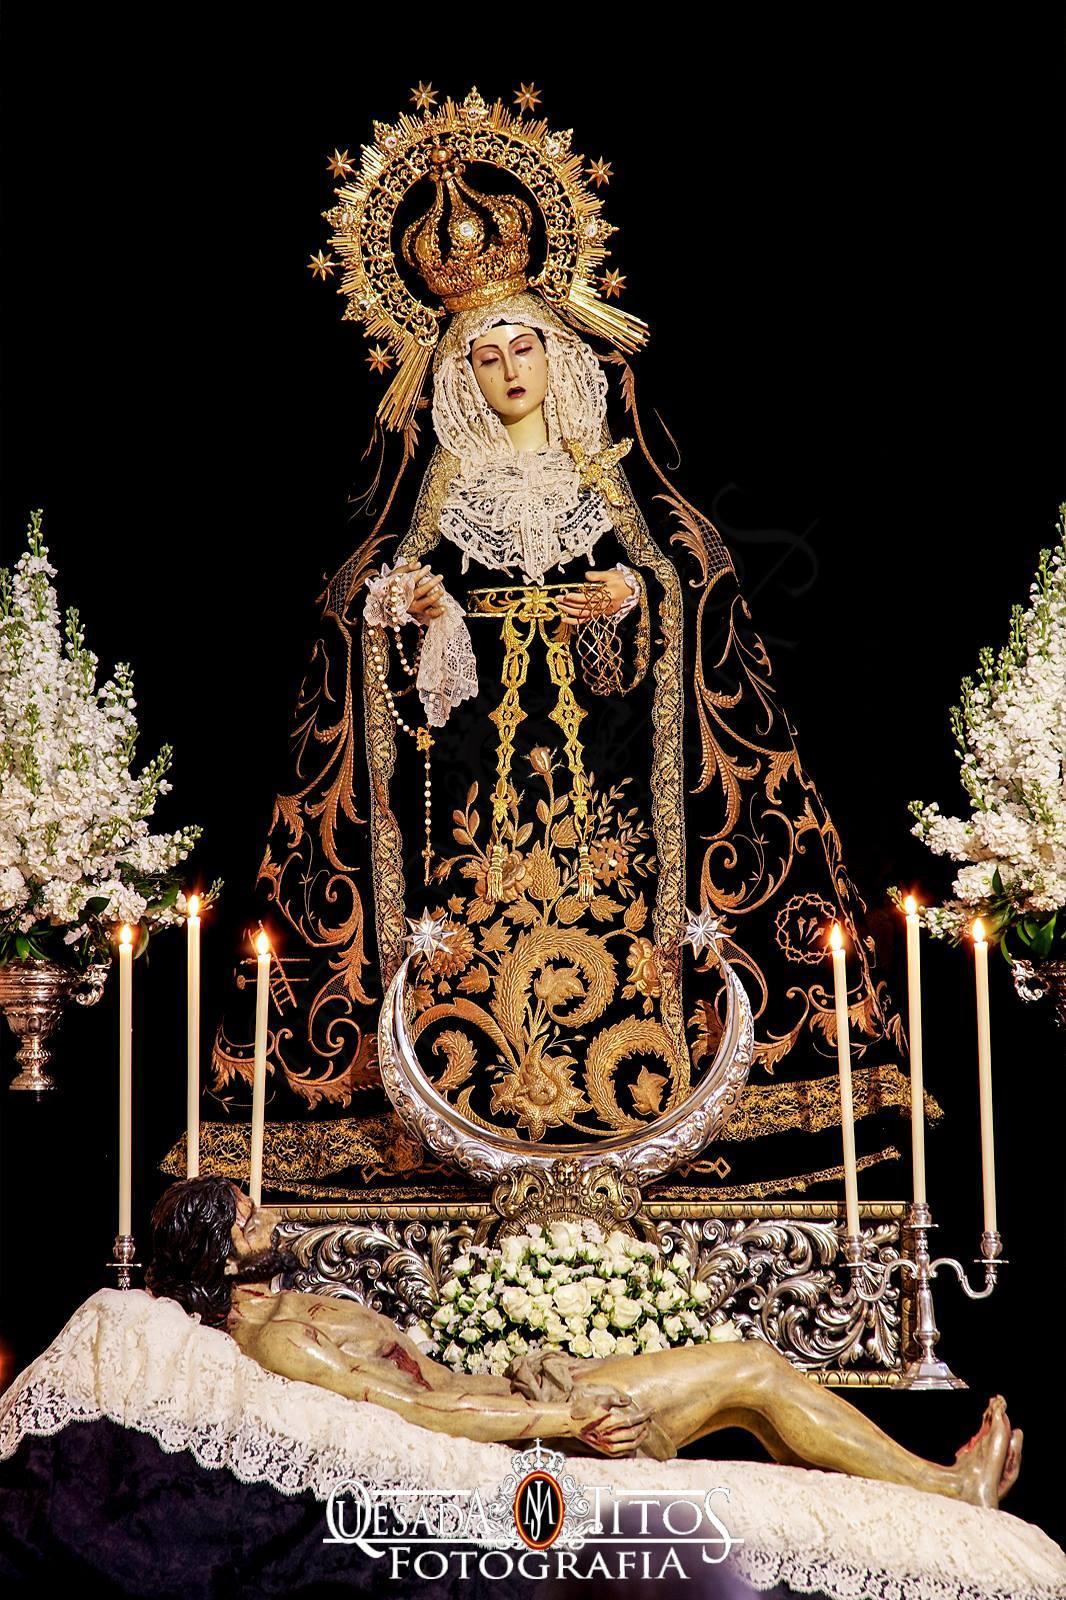 CONGREGACIÓN DEL SANTO SEPULCRO 17758411_1199860186777875_1268977562424659668_o